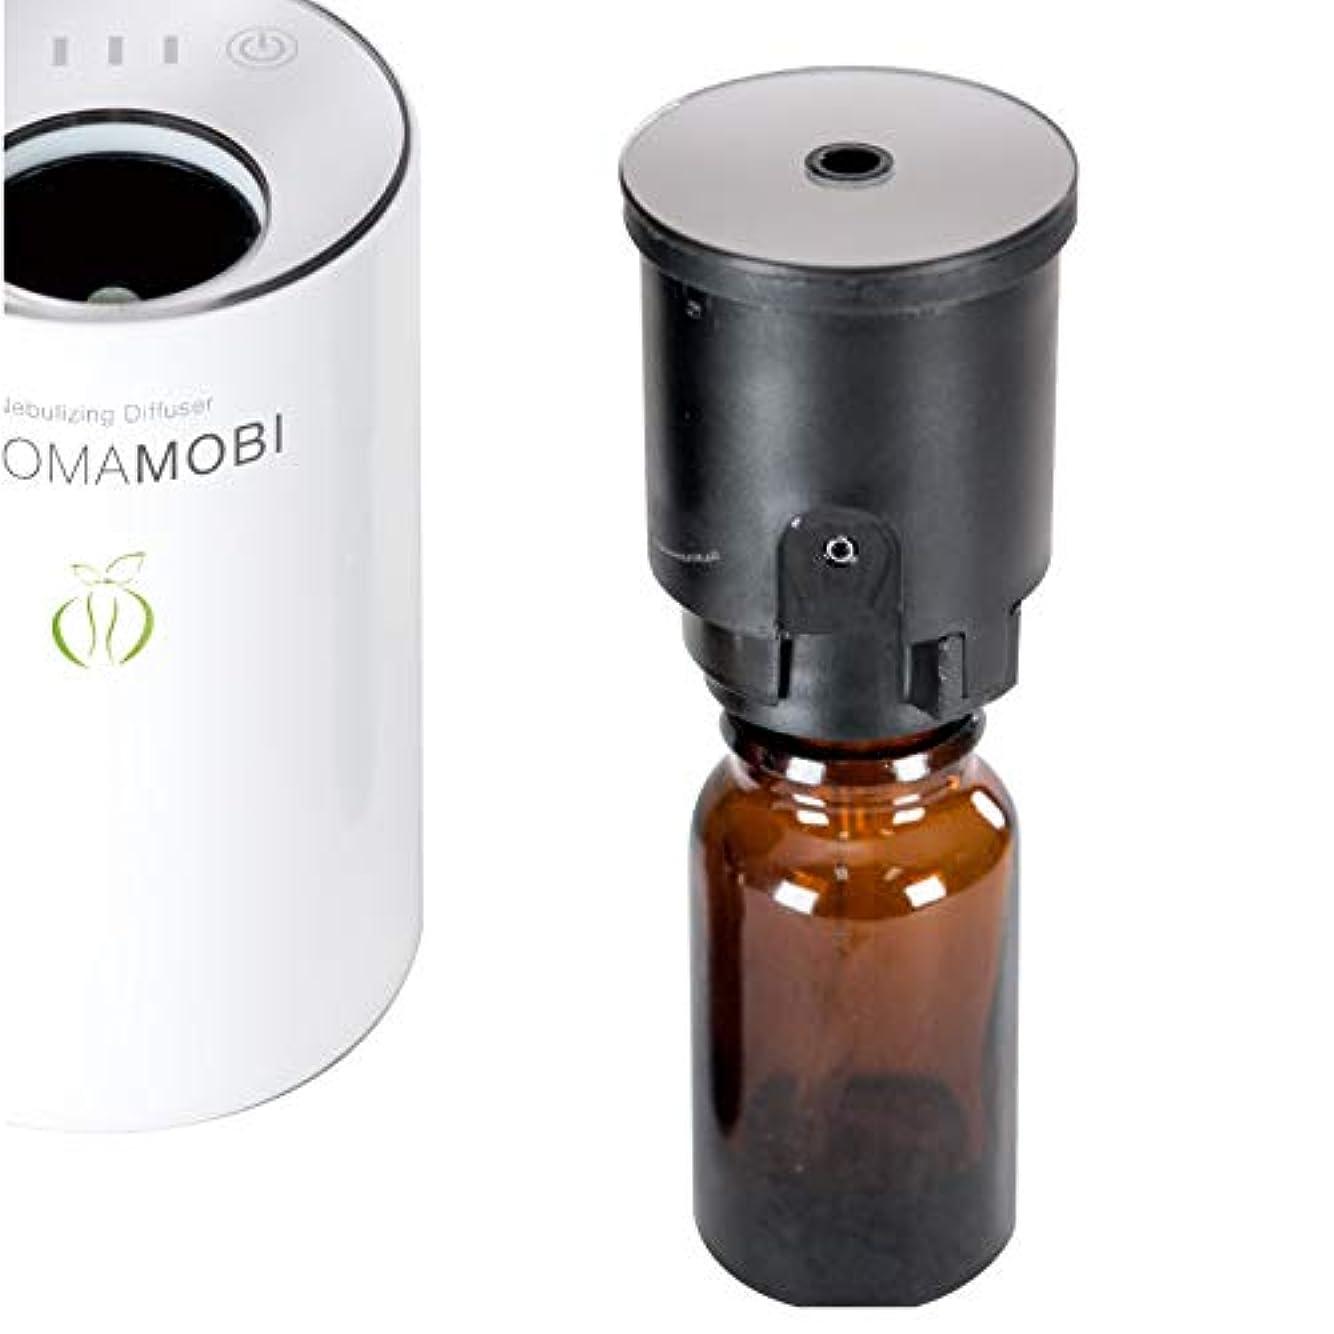 皿バック週末funks アロマモビ 専用 交換用 ノズル ボトルセット aromamobi アロマディフューザー